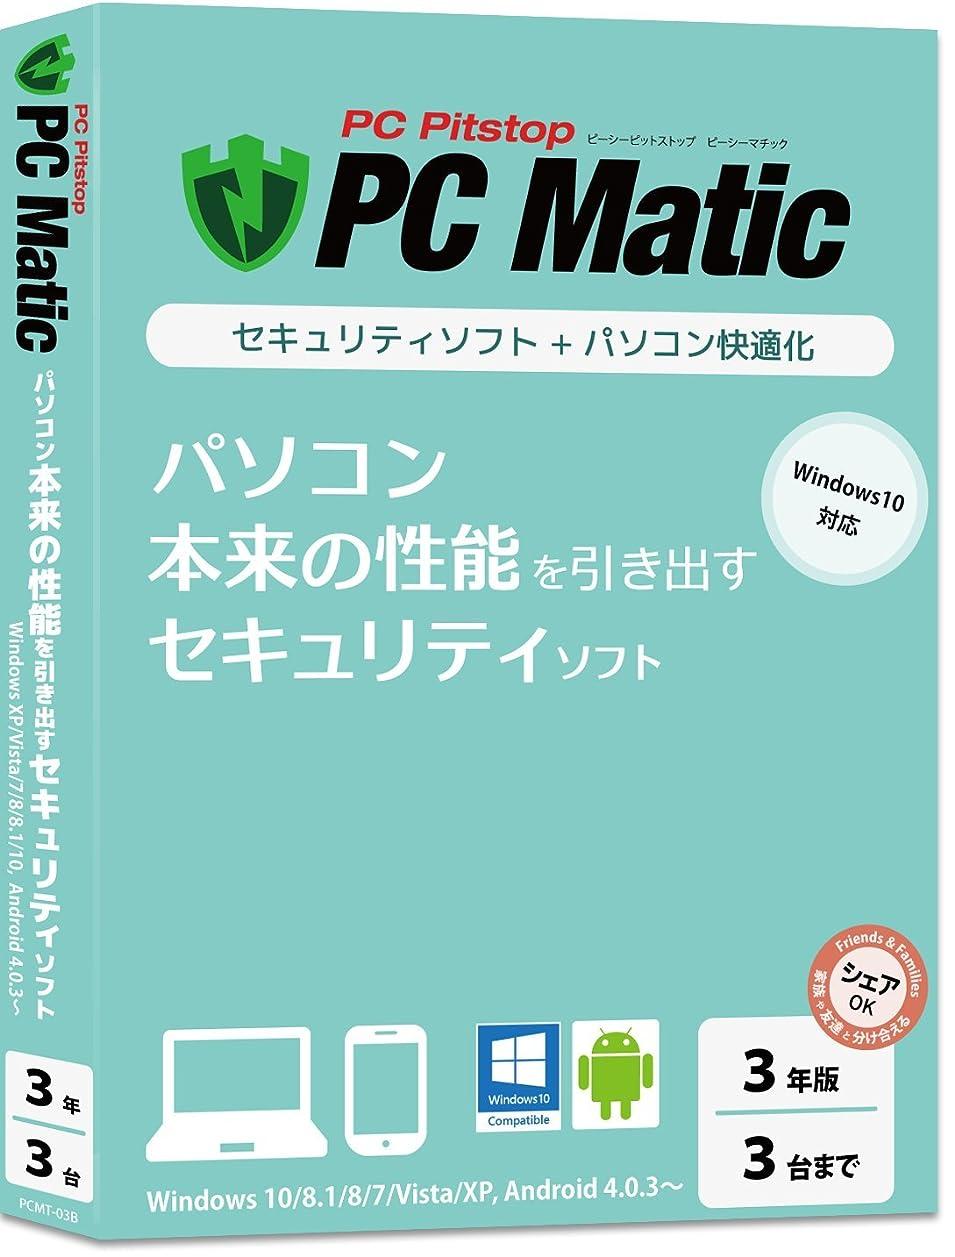 アジテーションスラダムボクシングPC Matic [3年/3台] パソコン本来の性能を引き出すセキュリティソフト (最新版) Windows XP~10/Android